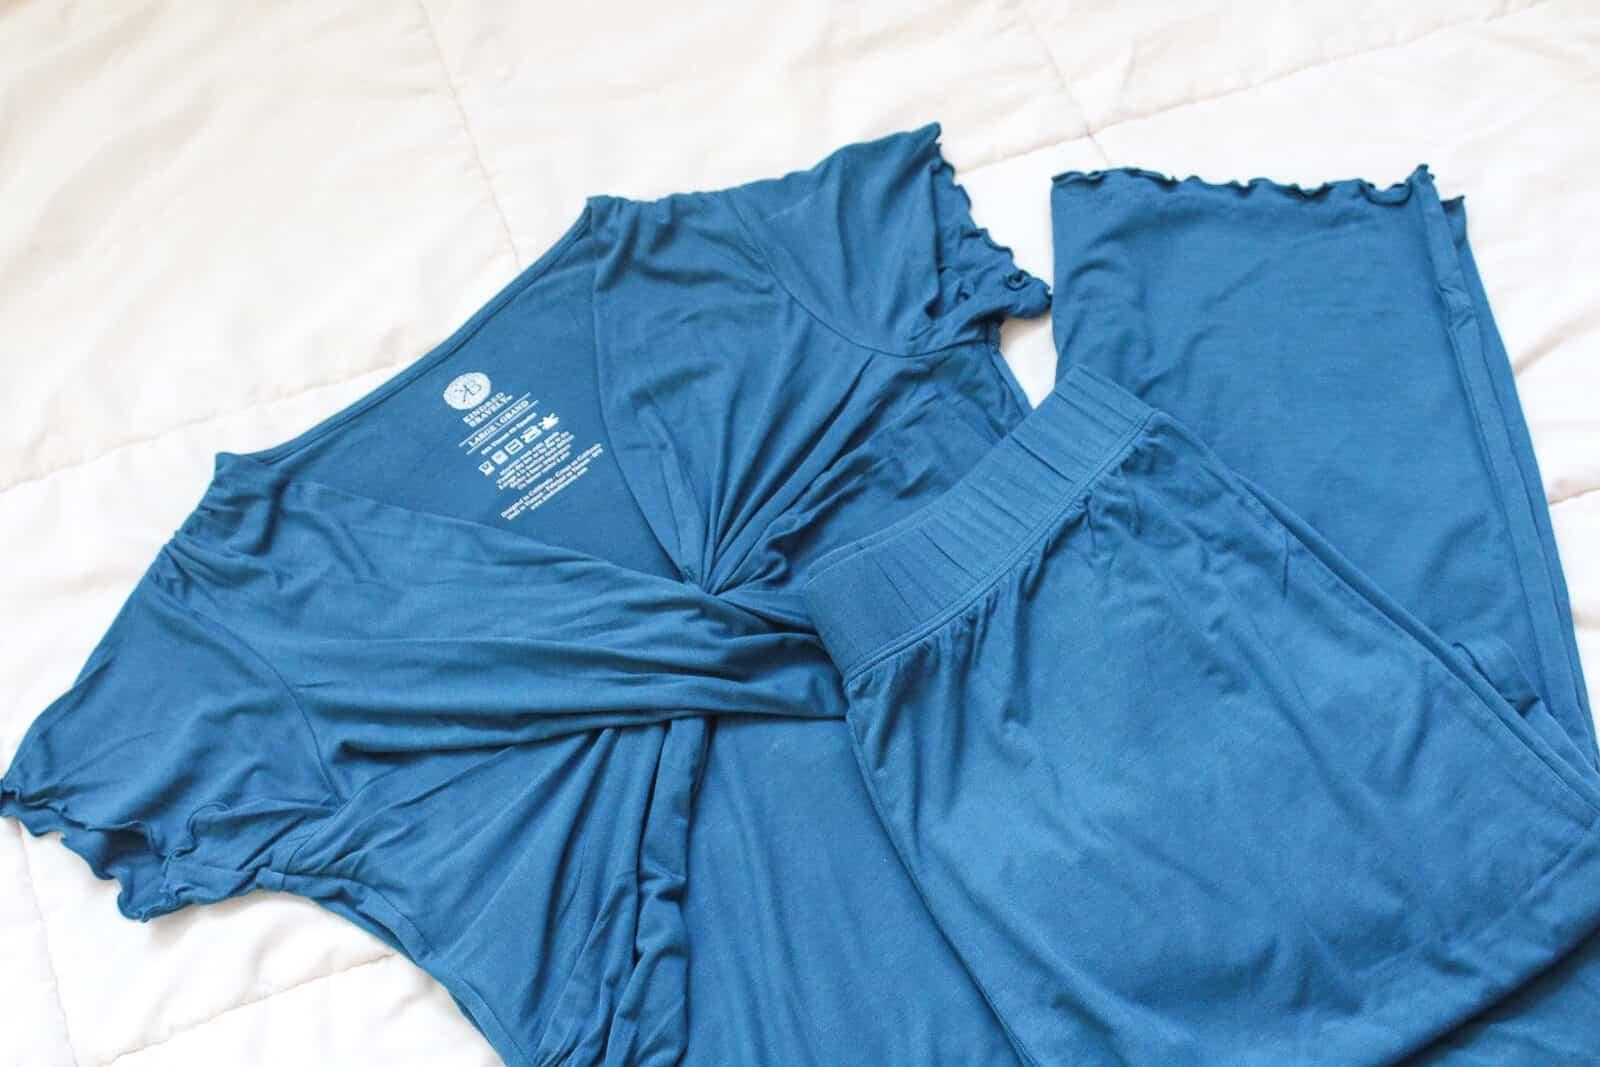 Blue postpartum clothes.